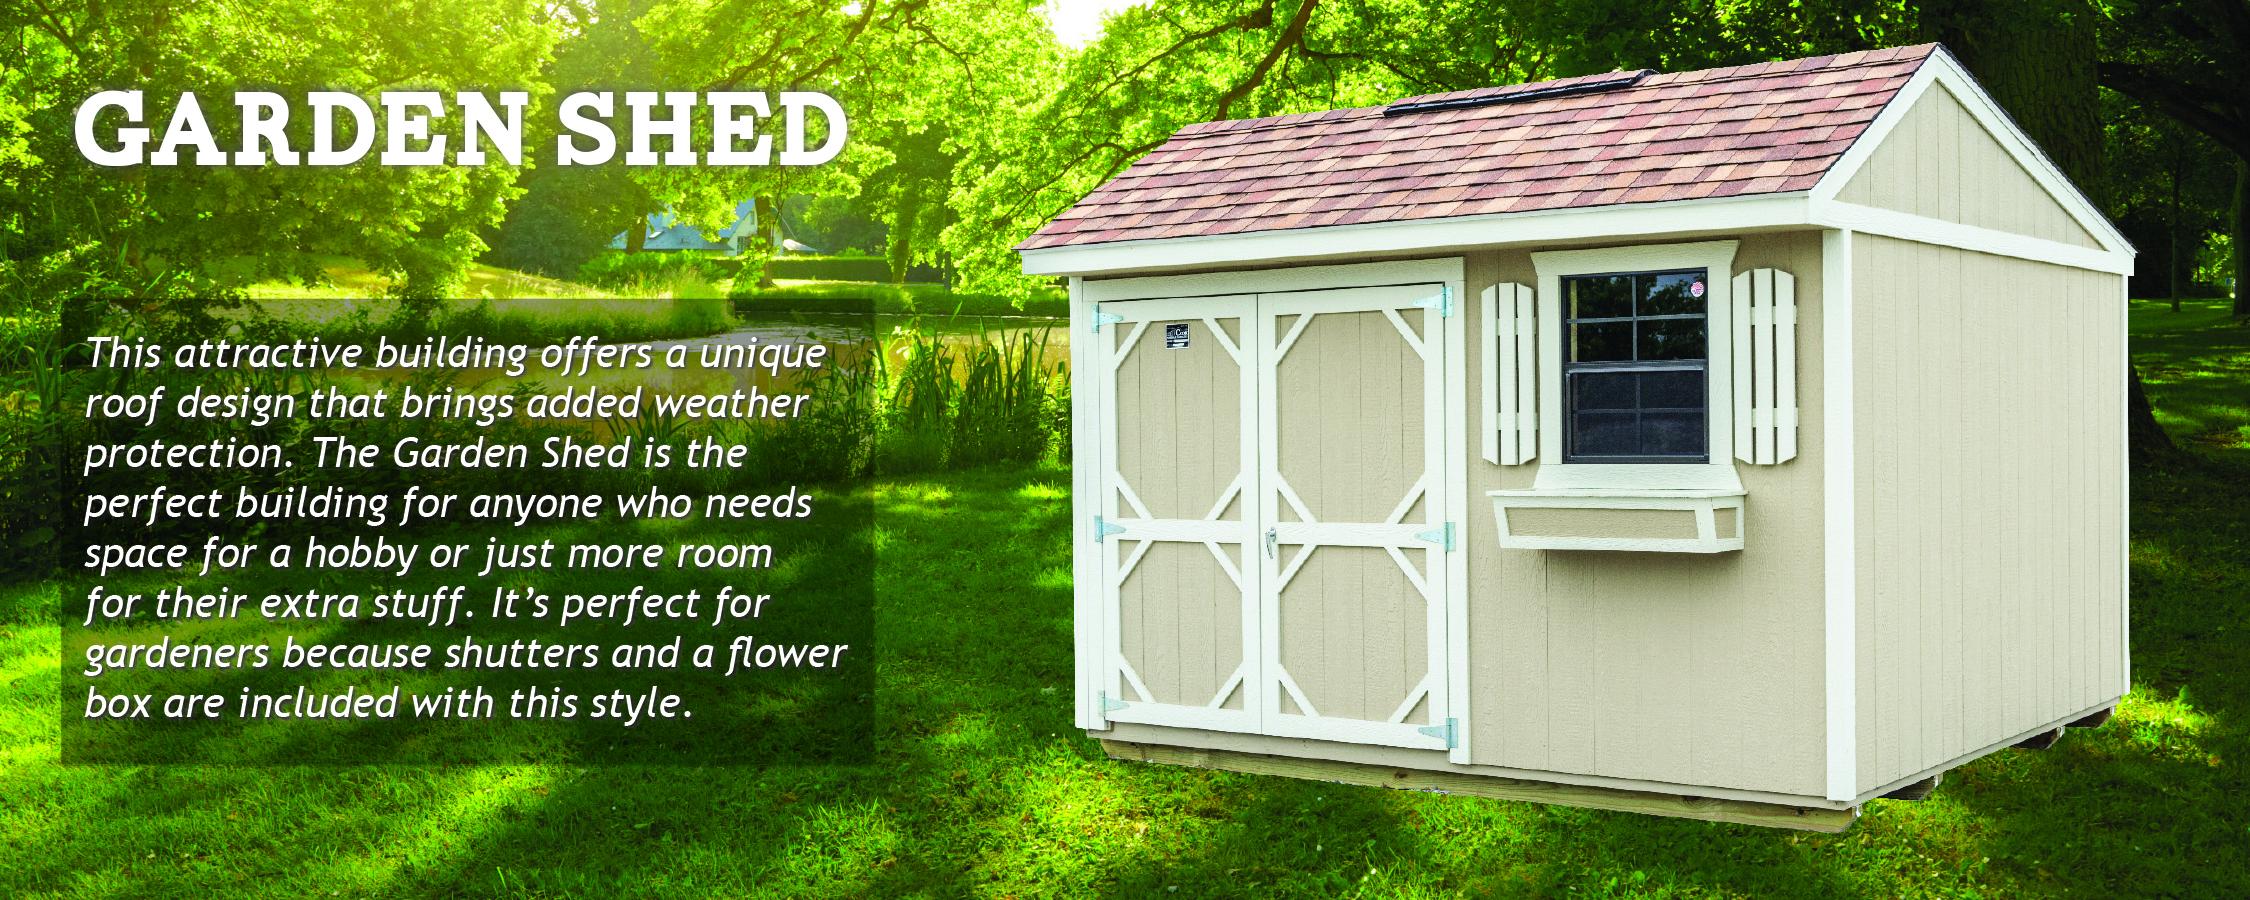 gardenshed-text.jpg